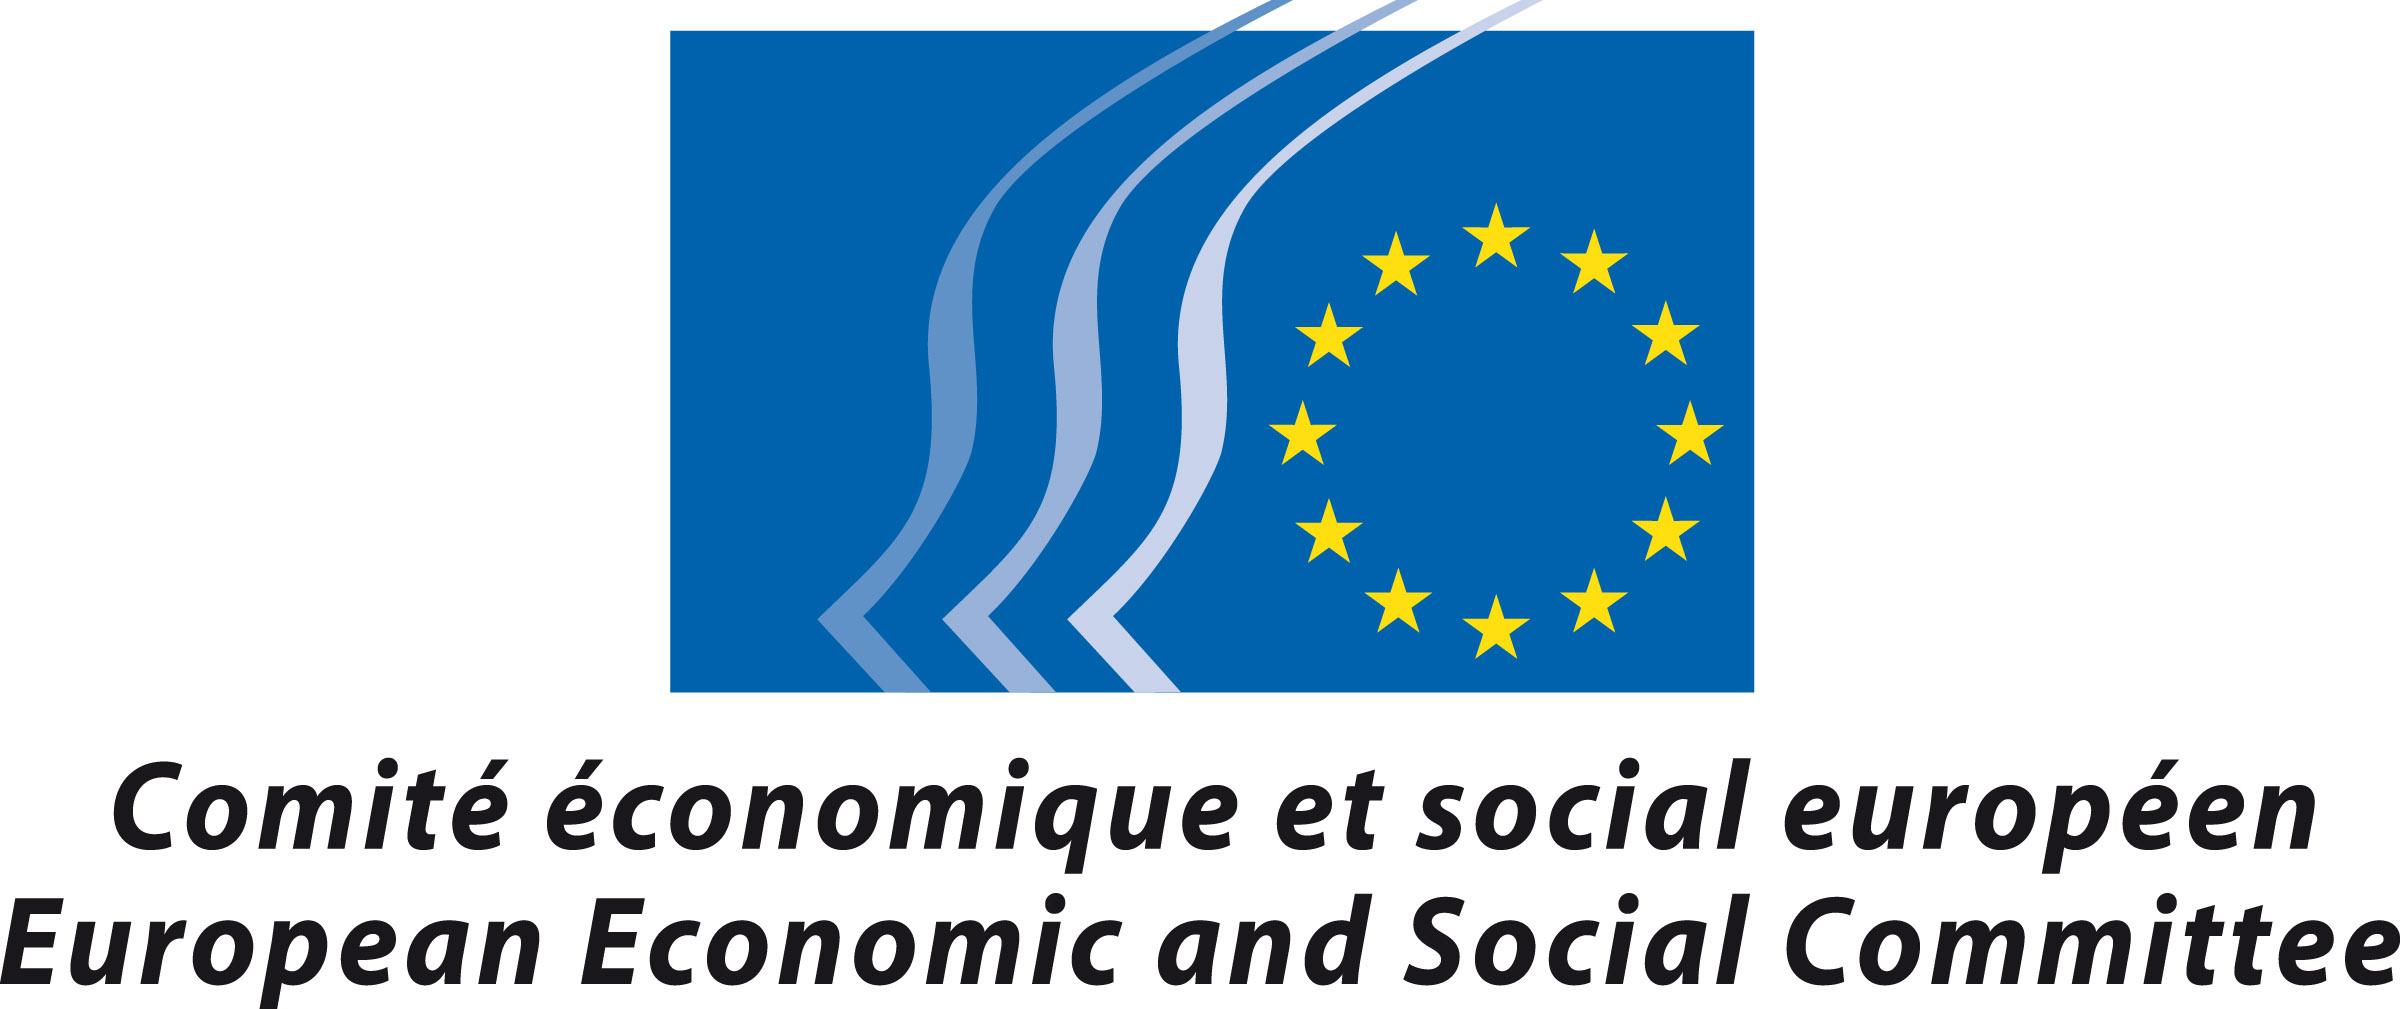 CESE eesc Comitato economico e sociale europeo logo